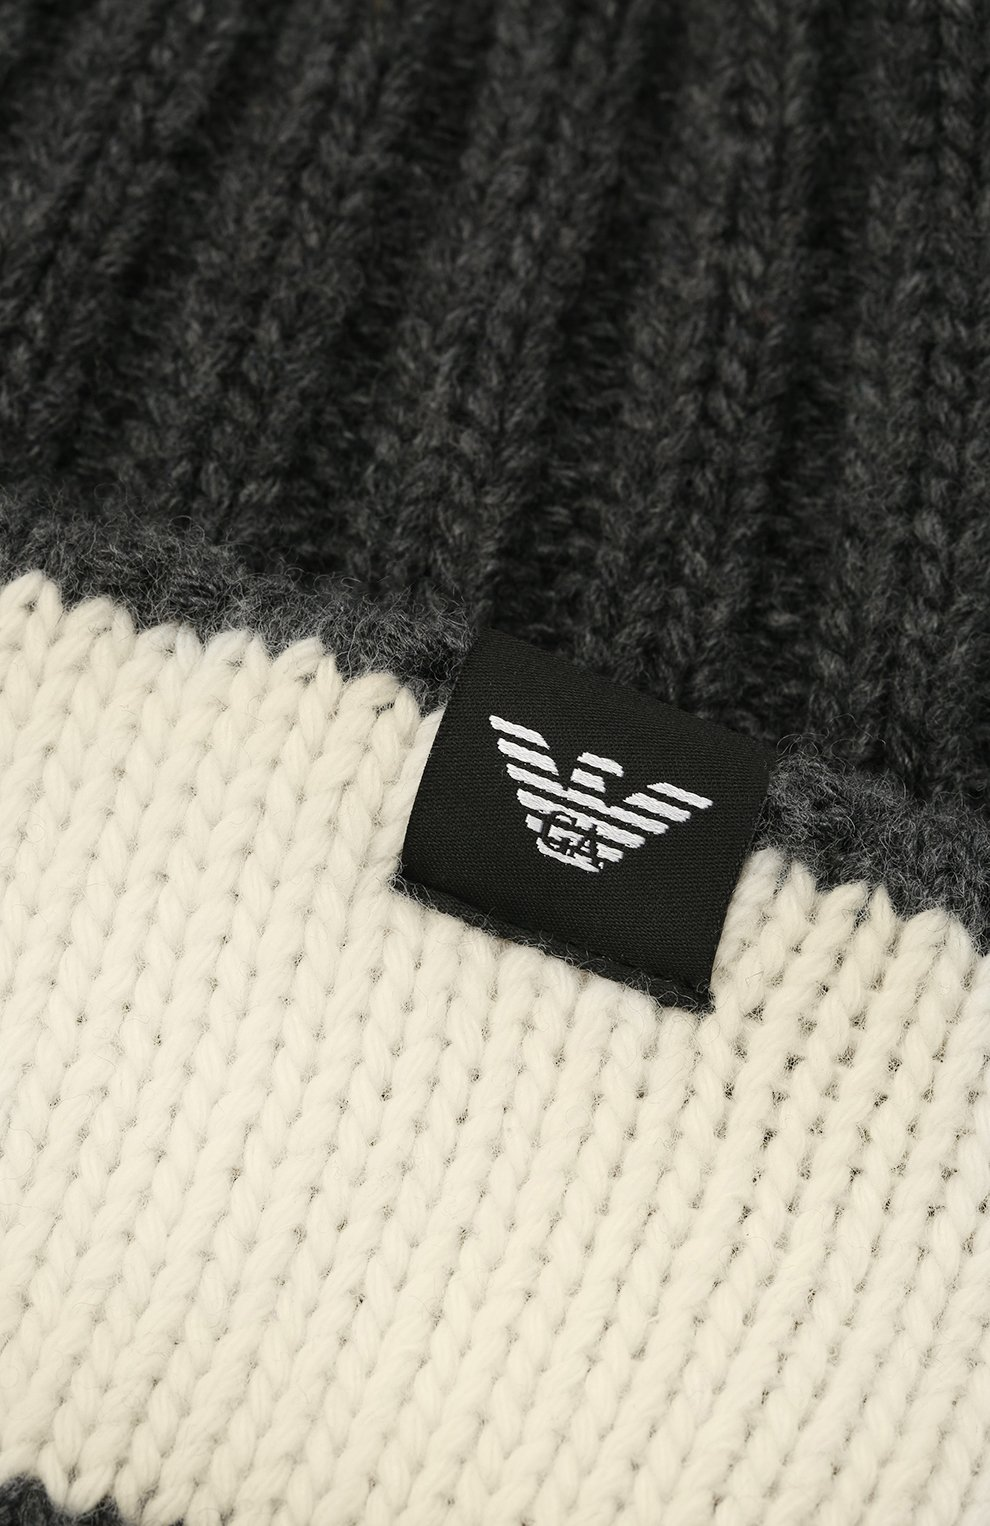 Детский комплект из шапки и шарфа EMPORIO ARMANI серого цвета, арт. 407515/1A767 | Фото 4 (Материал: Текстиль, Шерсть, Вискоза)